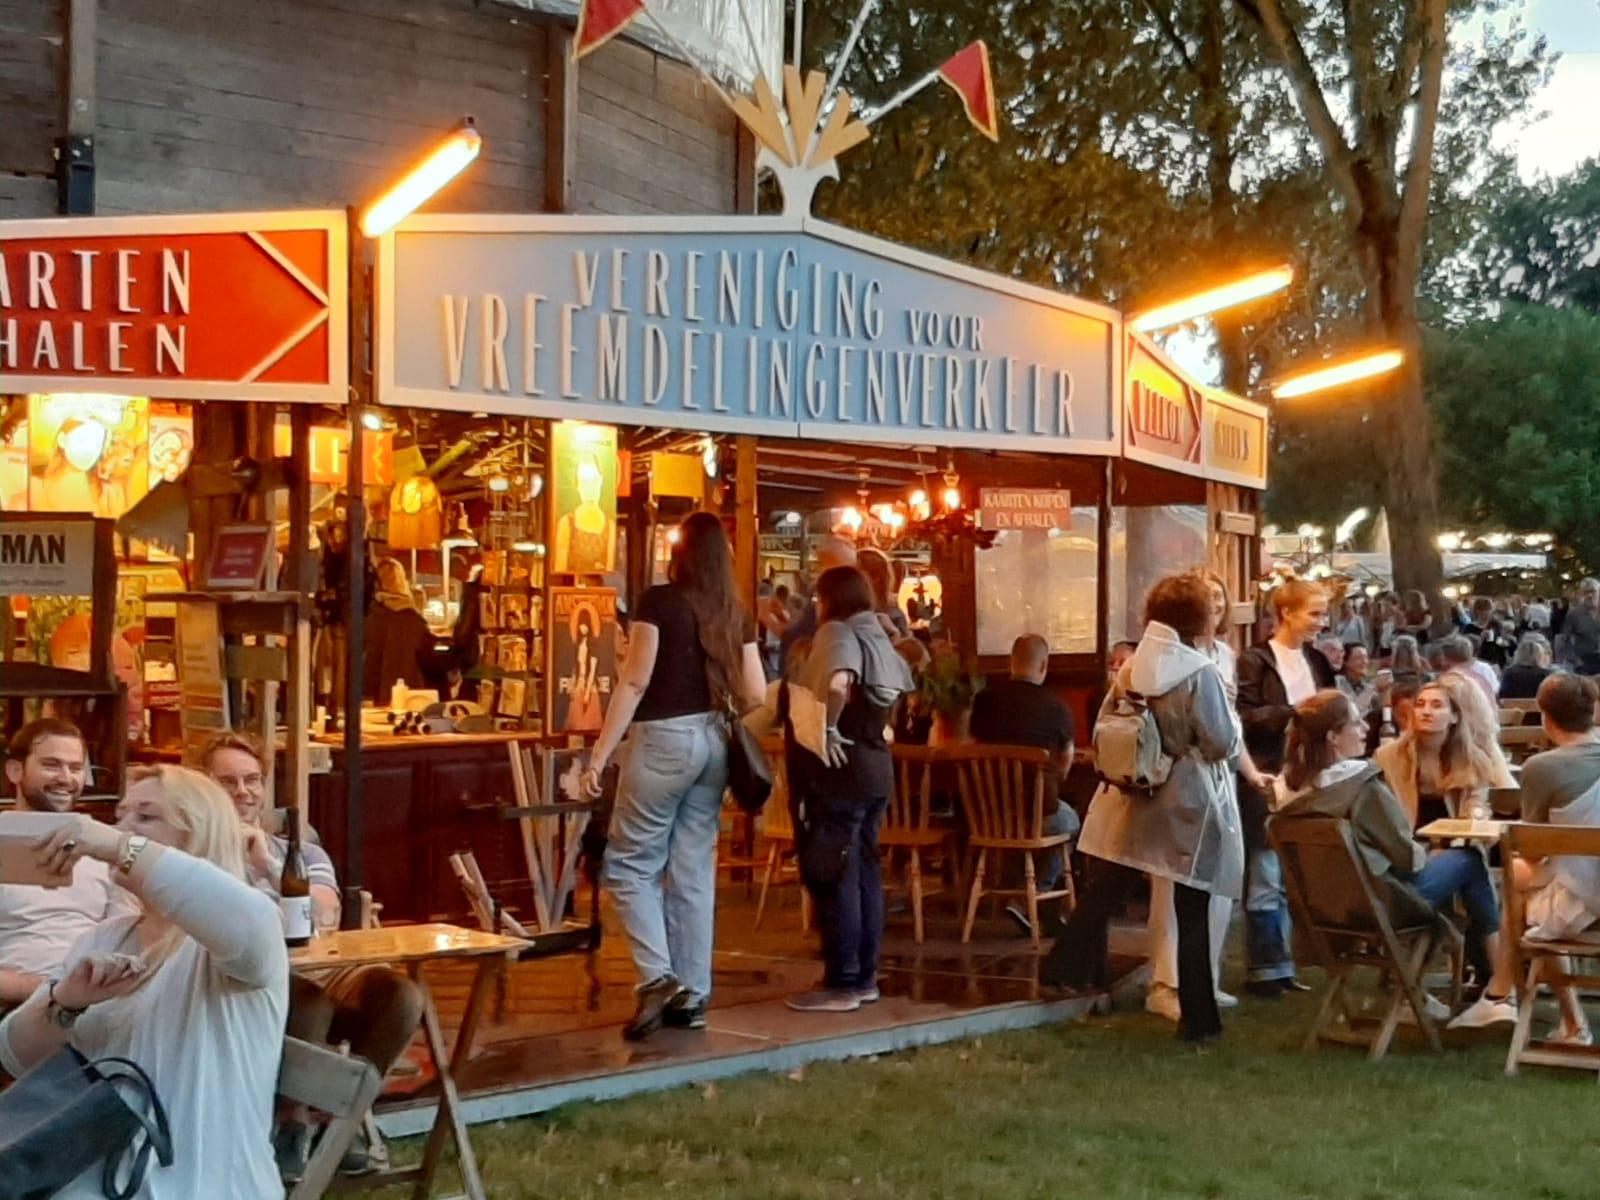 De Parade karavaan is sinds vrijdagavond weer geopend voor het Amsterdams publiek. In het Martin Luther Kingpark tref je een legio aan theatertenten